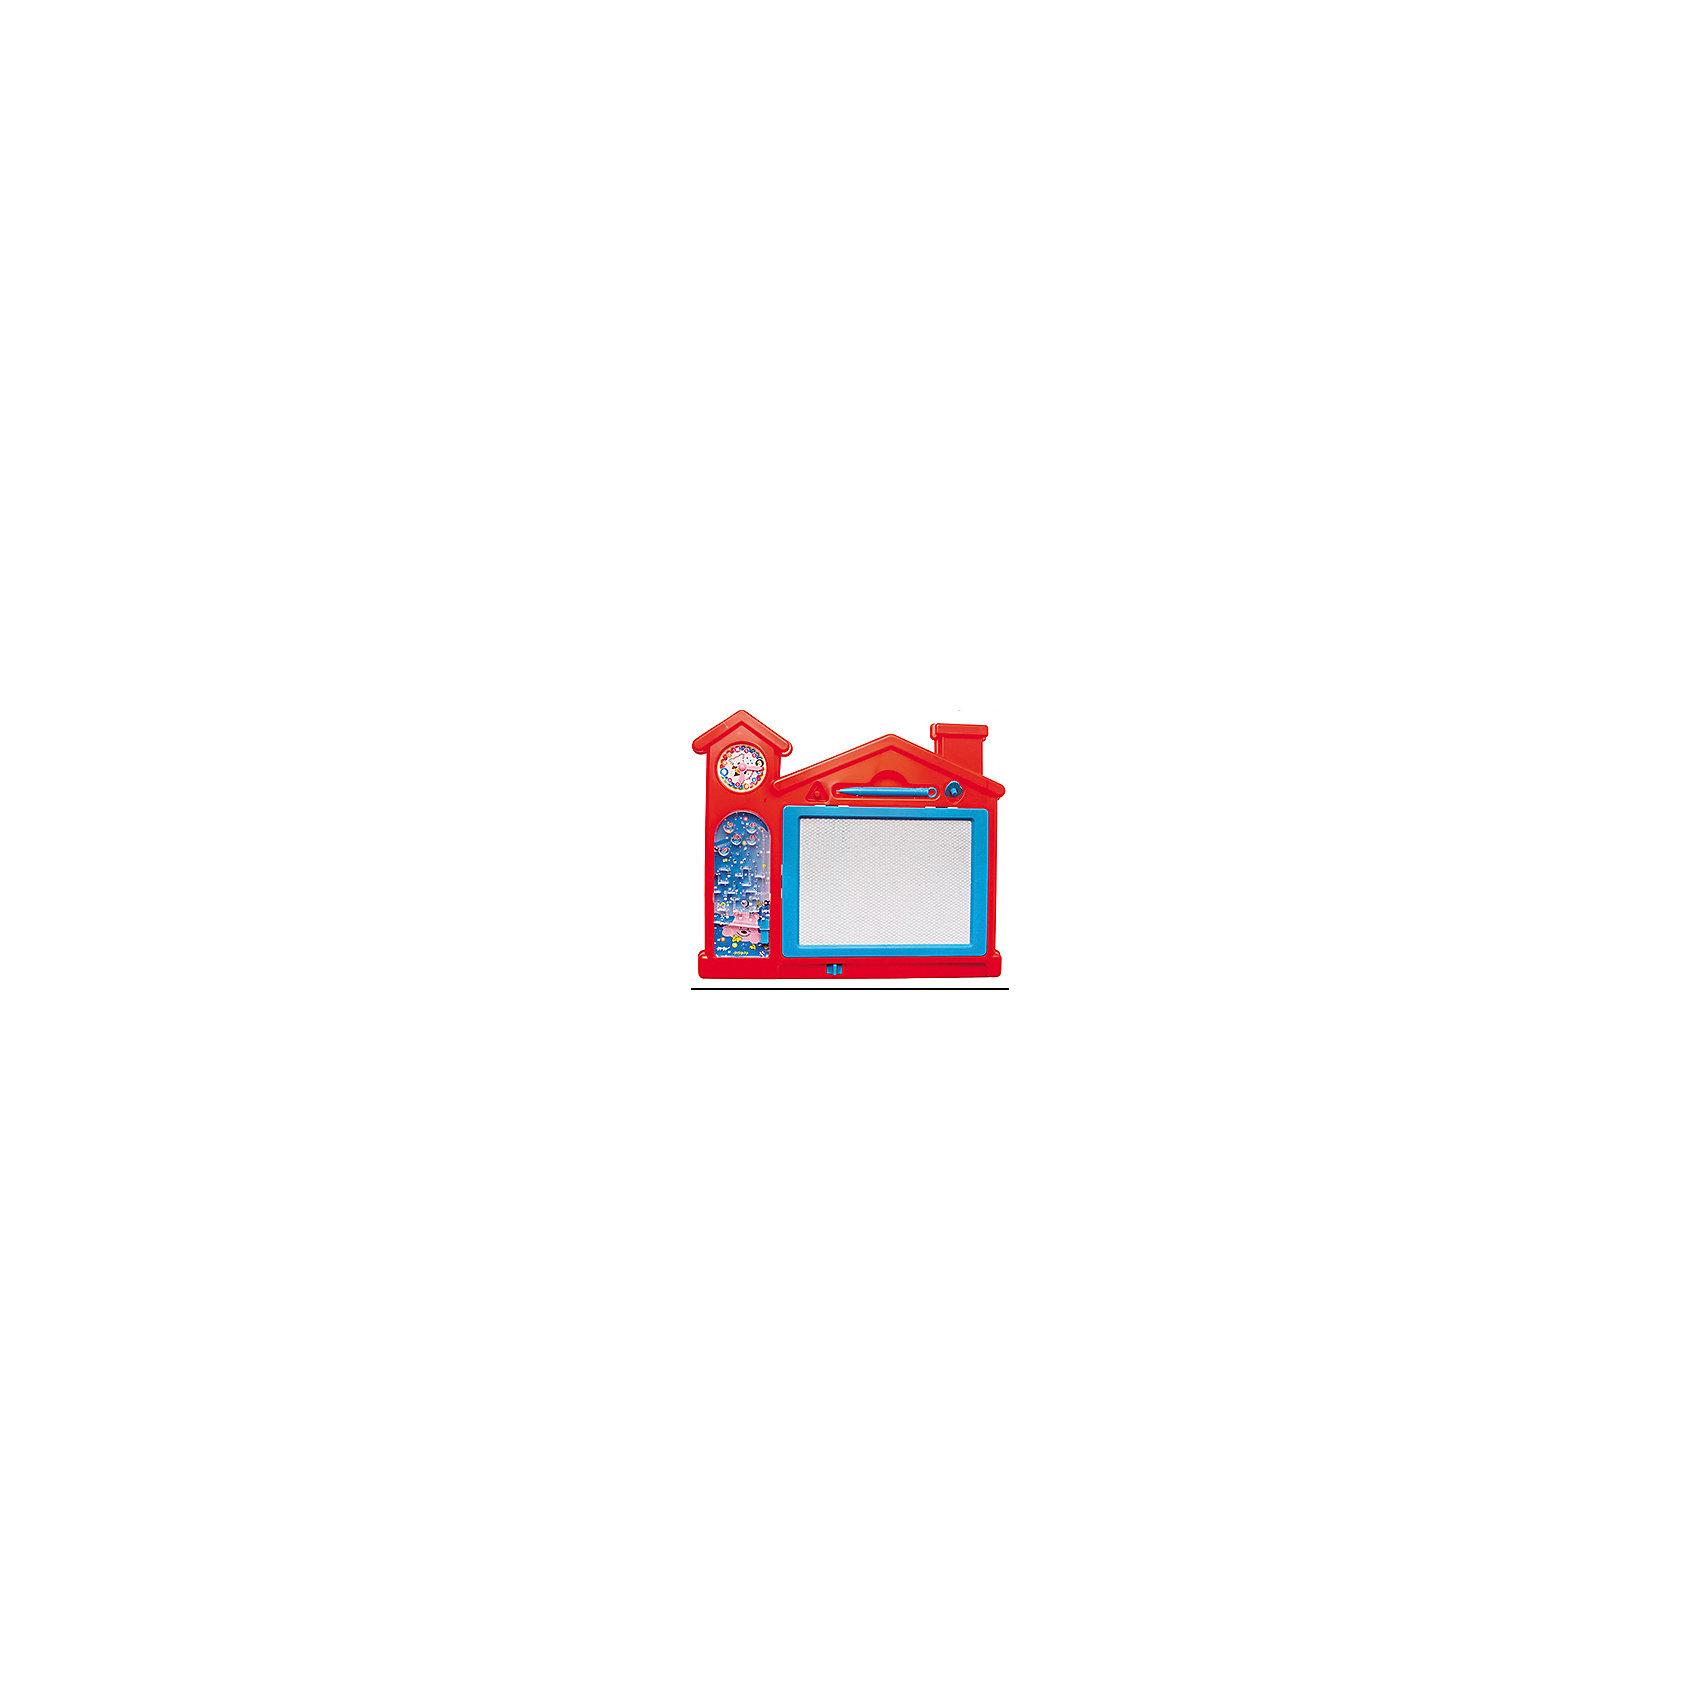 Доска Пиши-стирай Домик с часами, с пинболом, KriblyBooРазвивающие игрушки<br>Доска Пиши-стирай Домик с часами, с пинболом, KriblyBoo (Крибли Бу).<br><br>• можно писать и рисовать<br>• поможет научиться распознавать время<br>• есть пинбол<br>• в комплекте: стилус, штампики, доска<br>• материал: пластик<br>• размер упаковки: 13х9х22 см<br>• вес: 205 грамм<br><br><br>Домик с часами - уникальный набор для творчества, обучения и игр. Ребенок сможет писать или рисовать при помощи магнитной ручки или штампиков, легко стирать нарисованное и украшать доску своими творениями заново. Однако даже самый опытный художник может устать. В этом случае на помощь придет пинбол - прекрасный вариант, чтобы отдохнуть с пользой. Доска выполнена в форме домика, верх которого украшают часы, которые помогут малышу научиться распознавать время. С этой доской ваш ребенок проведет время с пользой!<br><br>Доску Пиши-стирай Домик с часами, с пинболом, KriblyBoo (Крибли Бу) вы можете купить в нашем интернет-магазине.<br><br>Ширина мм: 220<br>Глубина мм: 90<br>Высота мм: 130<br>Вес г: 205<br>Возраст от месяцев: 36<br>Возраст до месяцев: 120<br>Пол: Женский<br>Возраст: Детский<br>SKU: 5017658